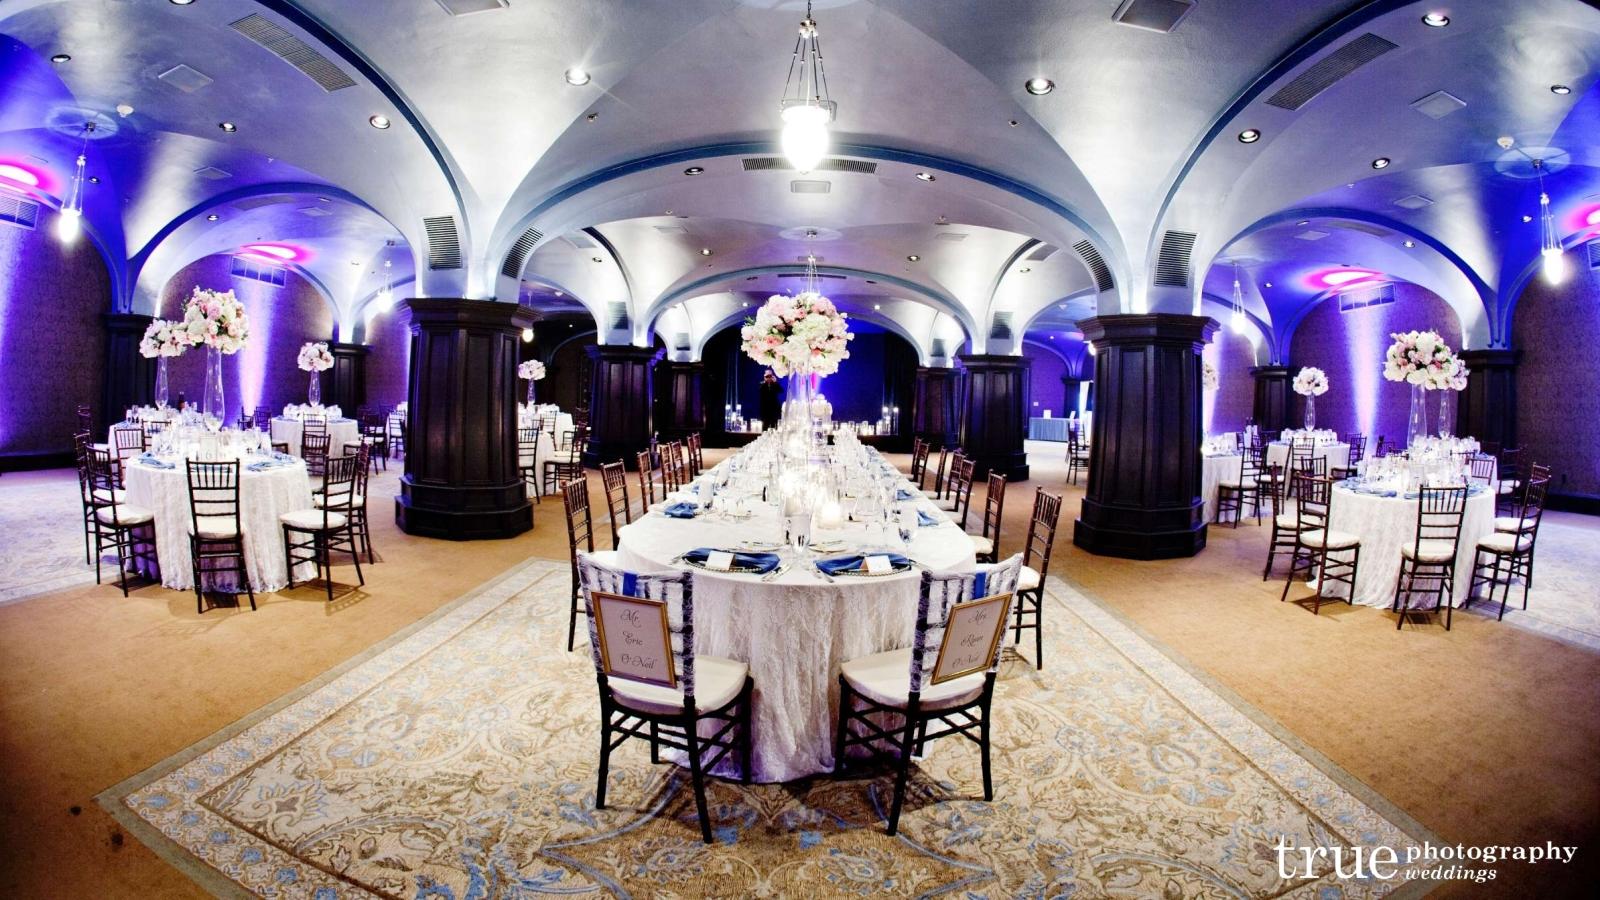 celestial-ballroom-weddings.jpg